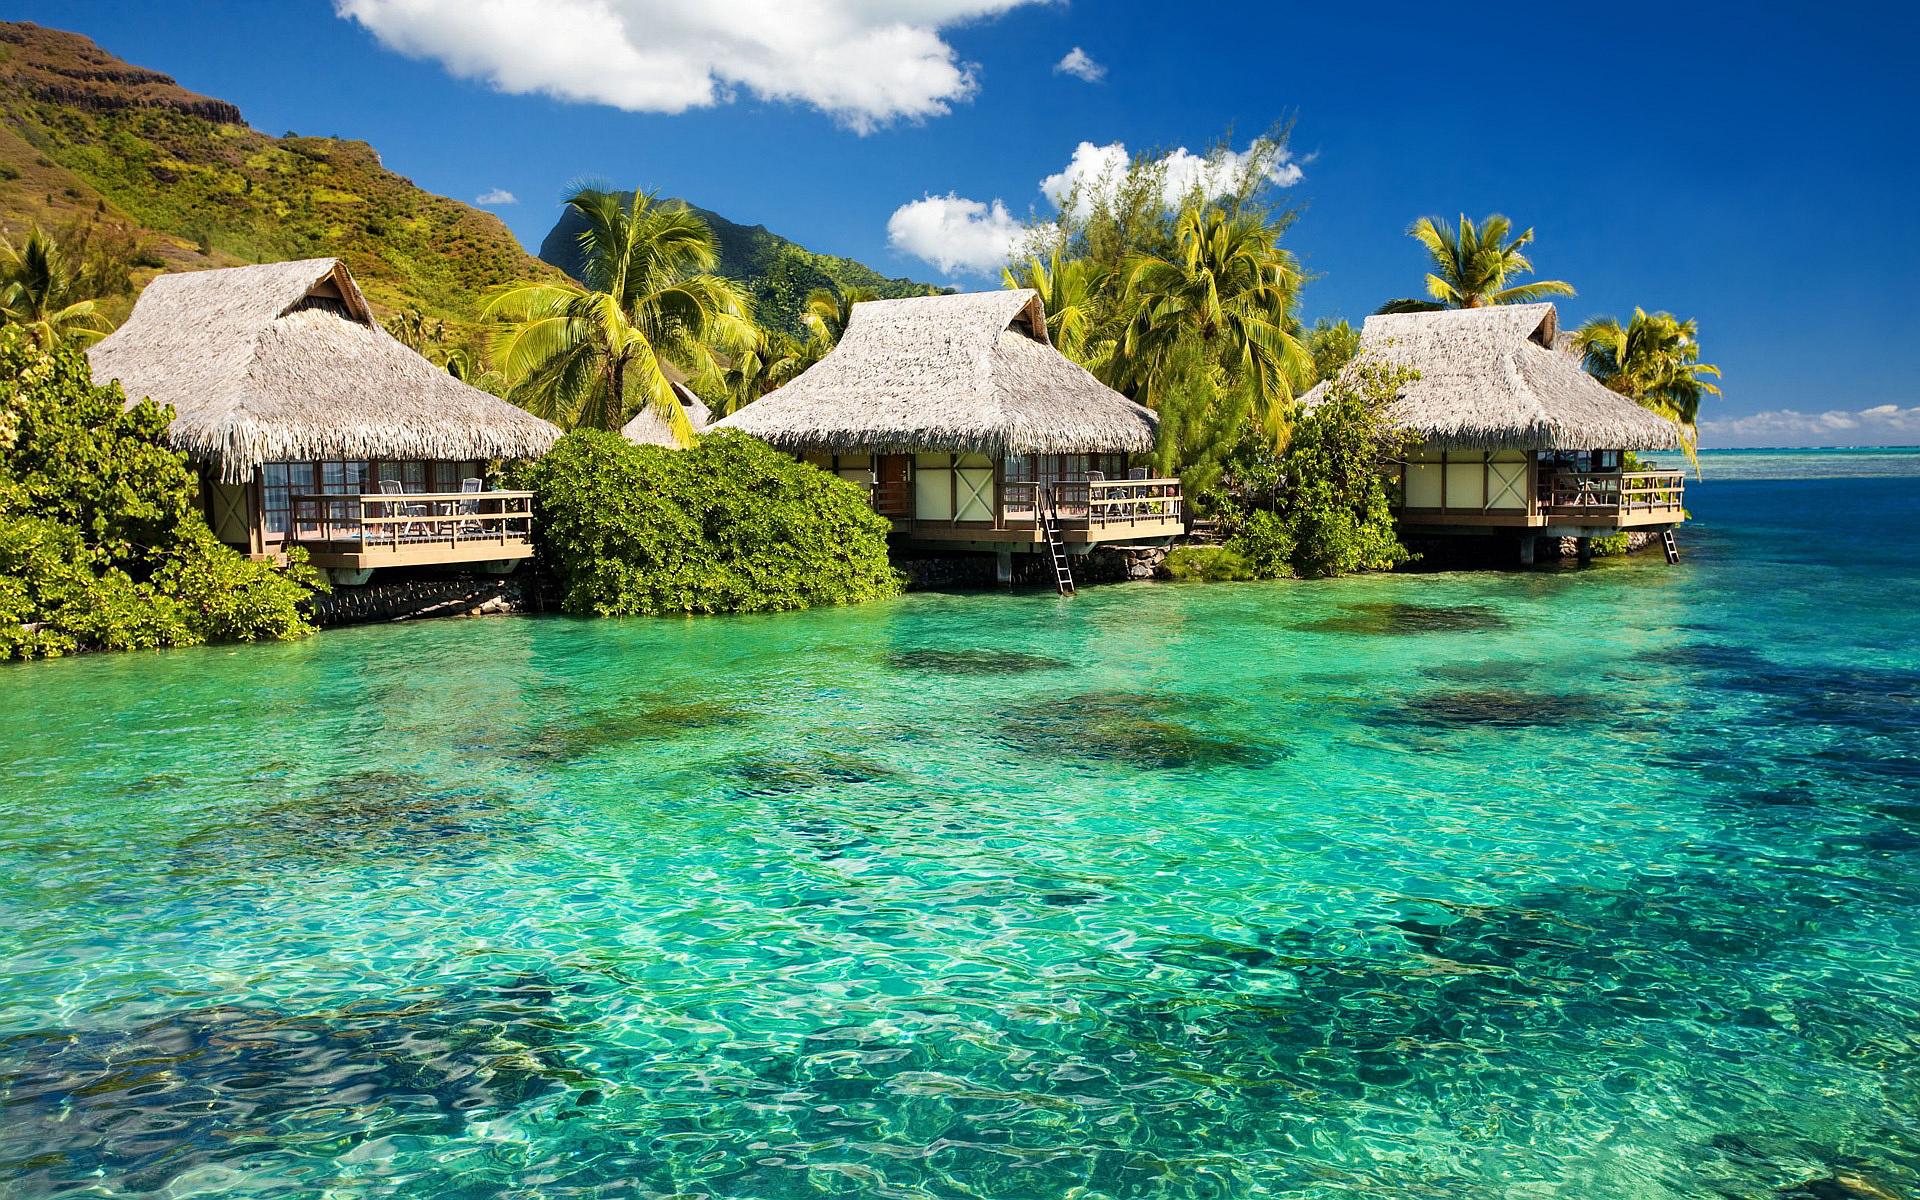 resort images beautiful